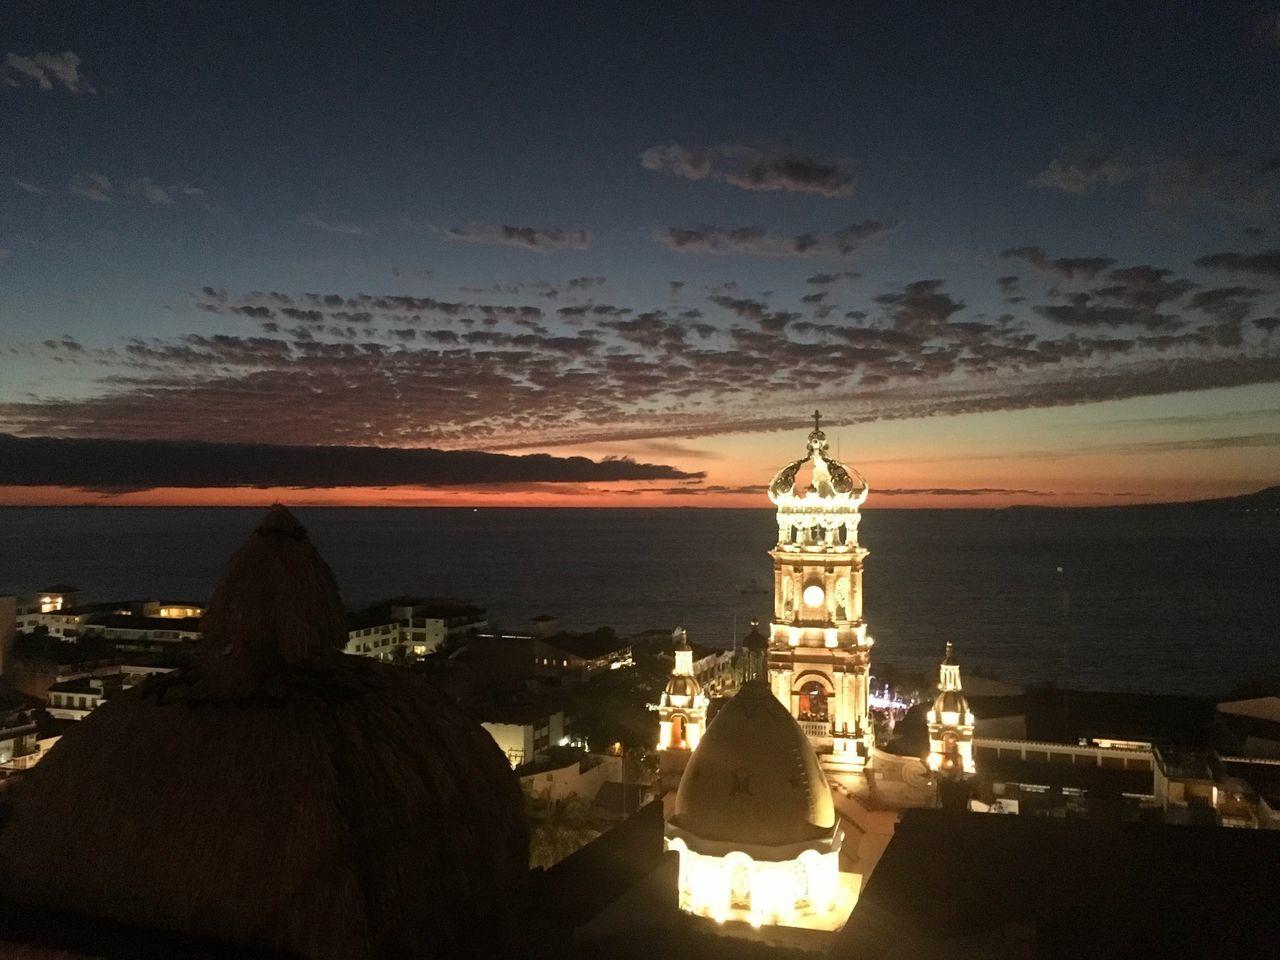 Dark clouds Dark Clouds Dark Clouds And Brightening Sun Sunset Sunset_collection Cathedral Puerto Vallarta, México Puerto Vallarta Church At Sunset Church At Night  Catholic Church Catholic Beachphotography Viewpoint